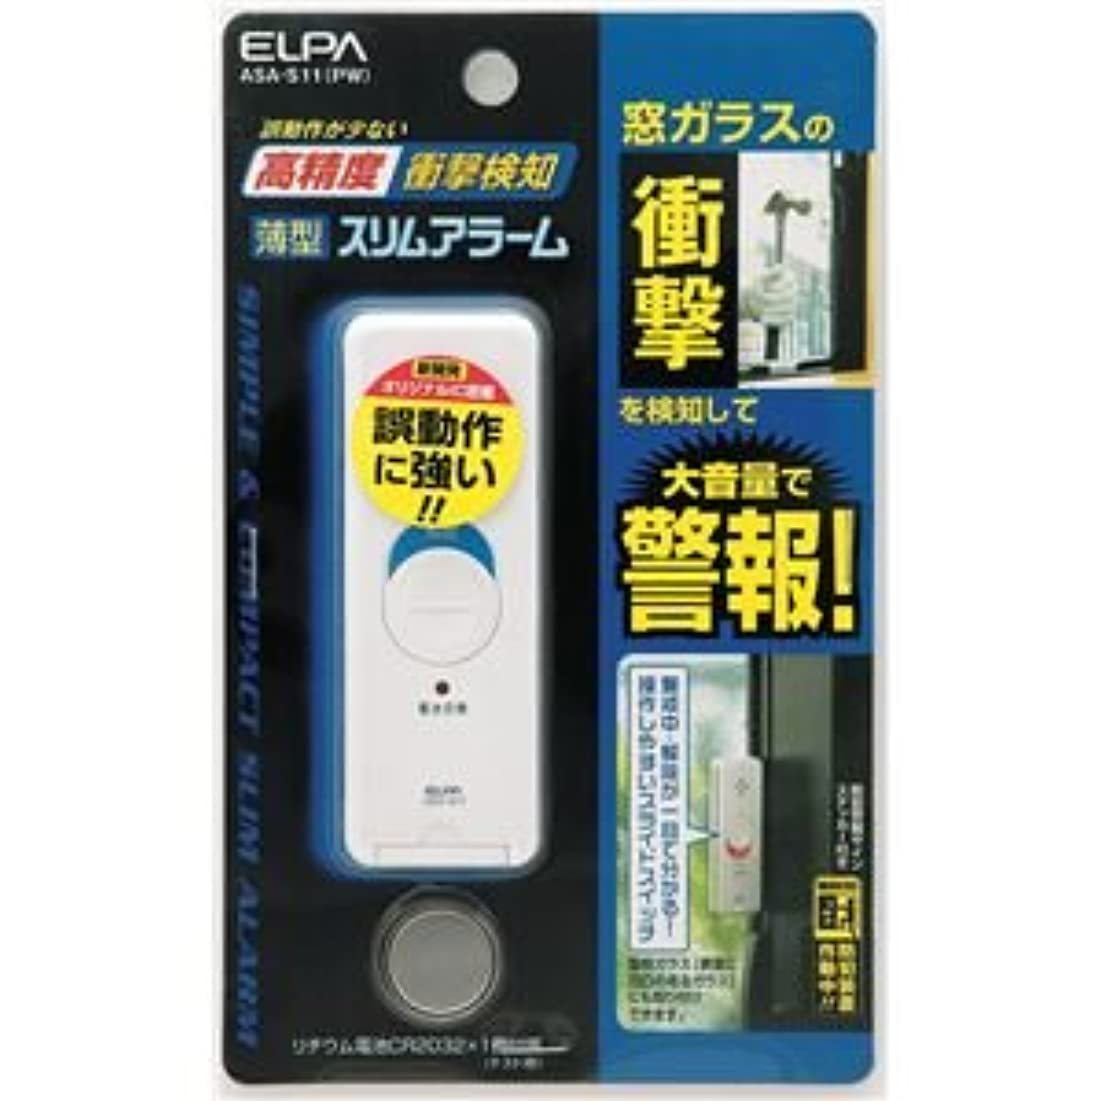 おばあさん配管工関係(業務用セット) ELPA 薄型ウインドウアラーム 衝撃検知 パールホワイト ASA-S11(PW) 【×3セット】